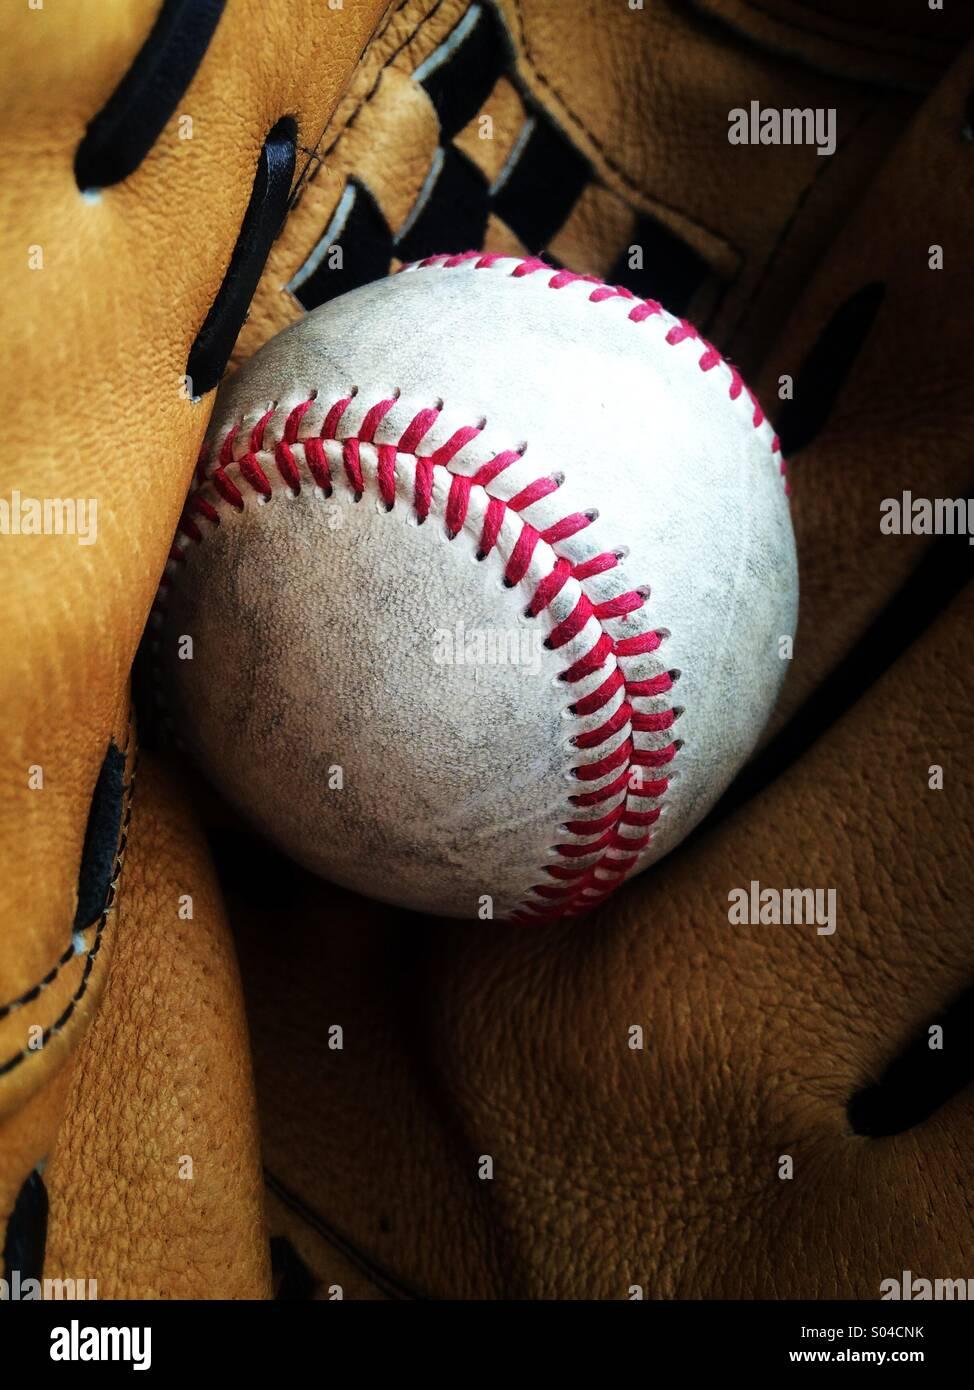 Il baseball in un guanto Immagini Stock